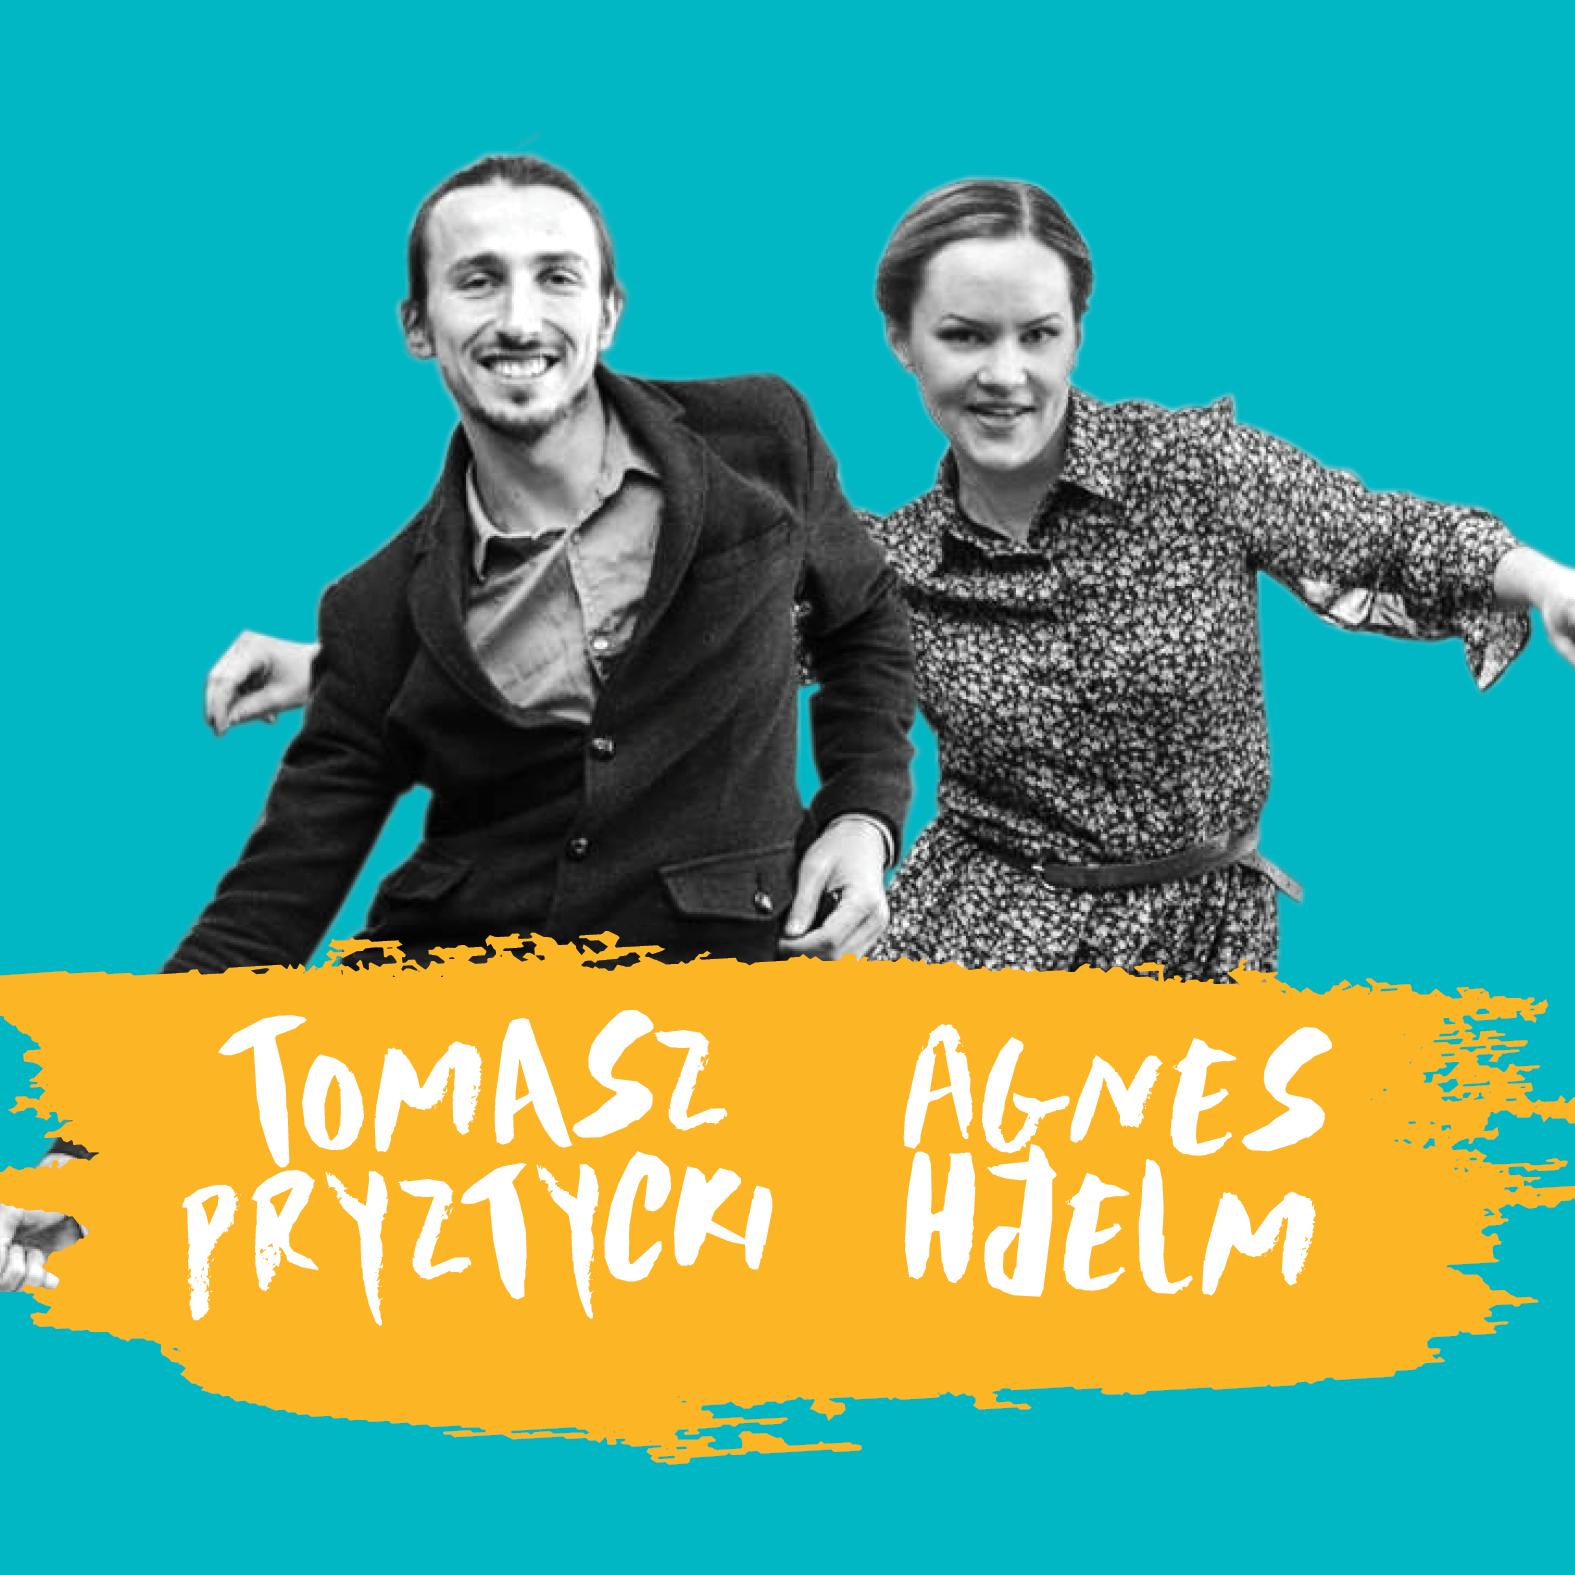 Tomasz Pryztycki & Agnes Hjelm